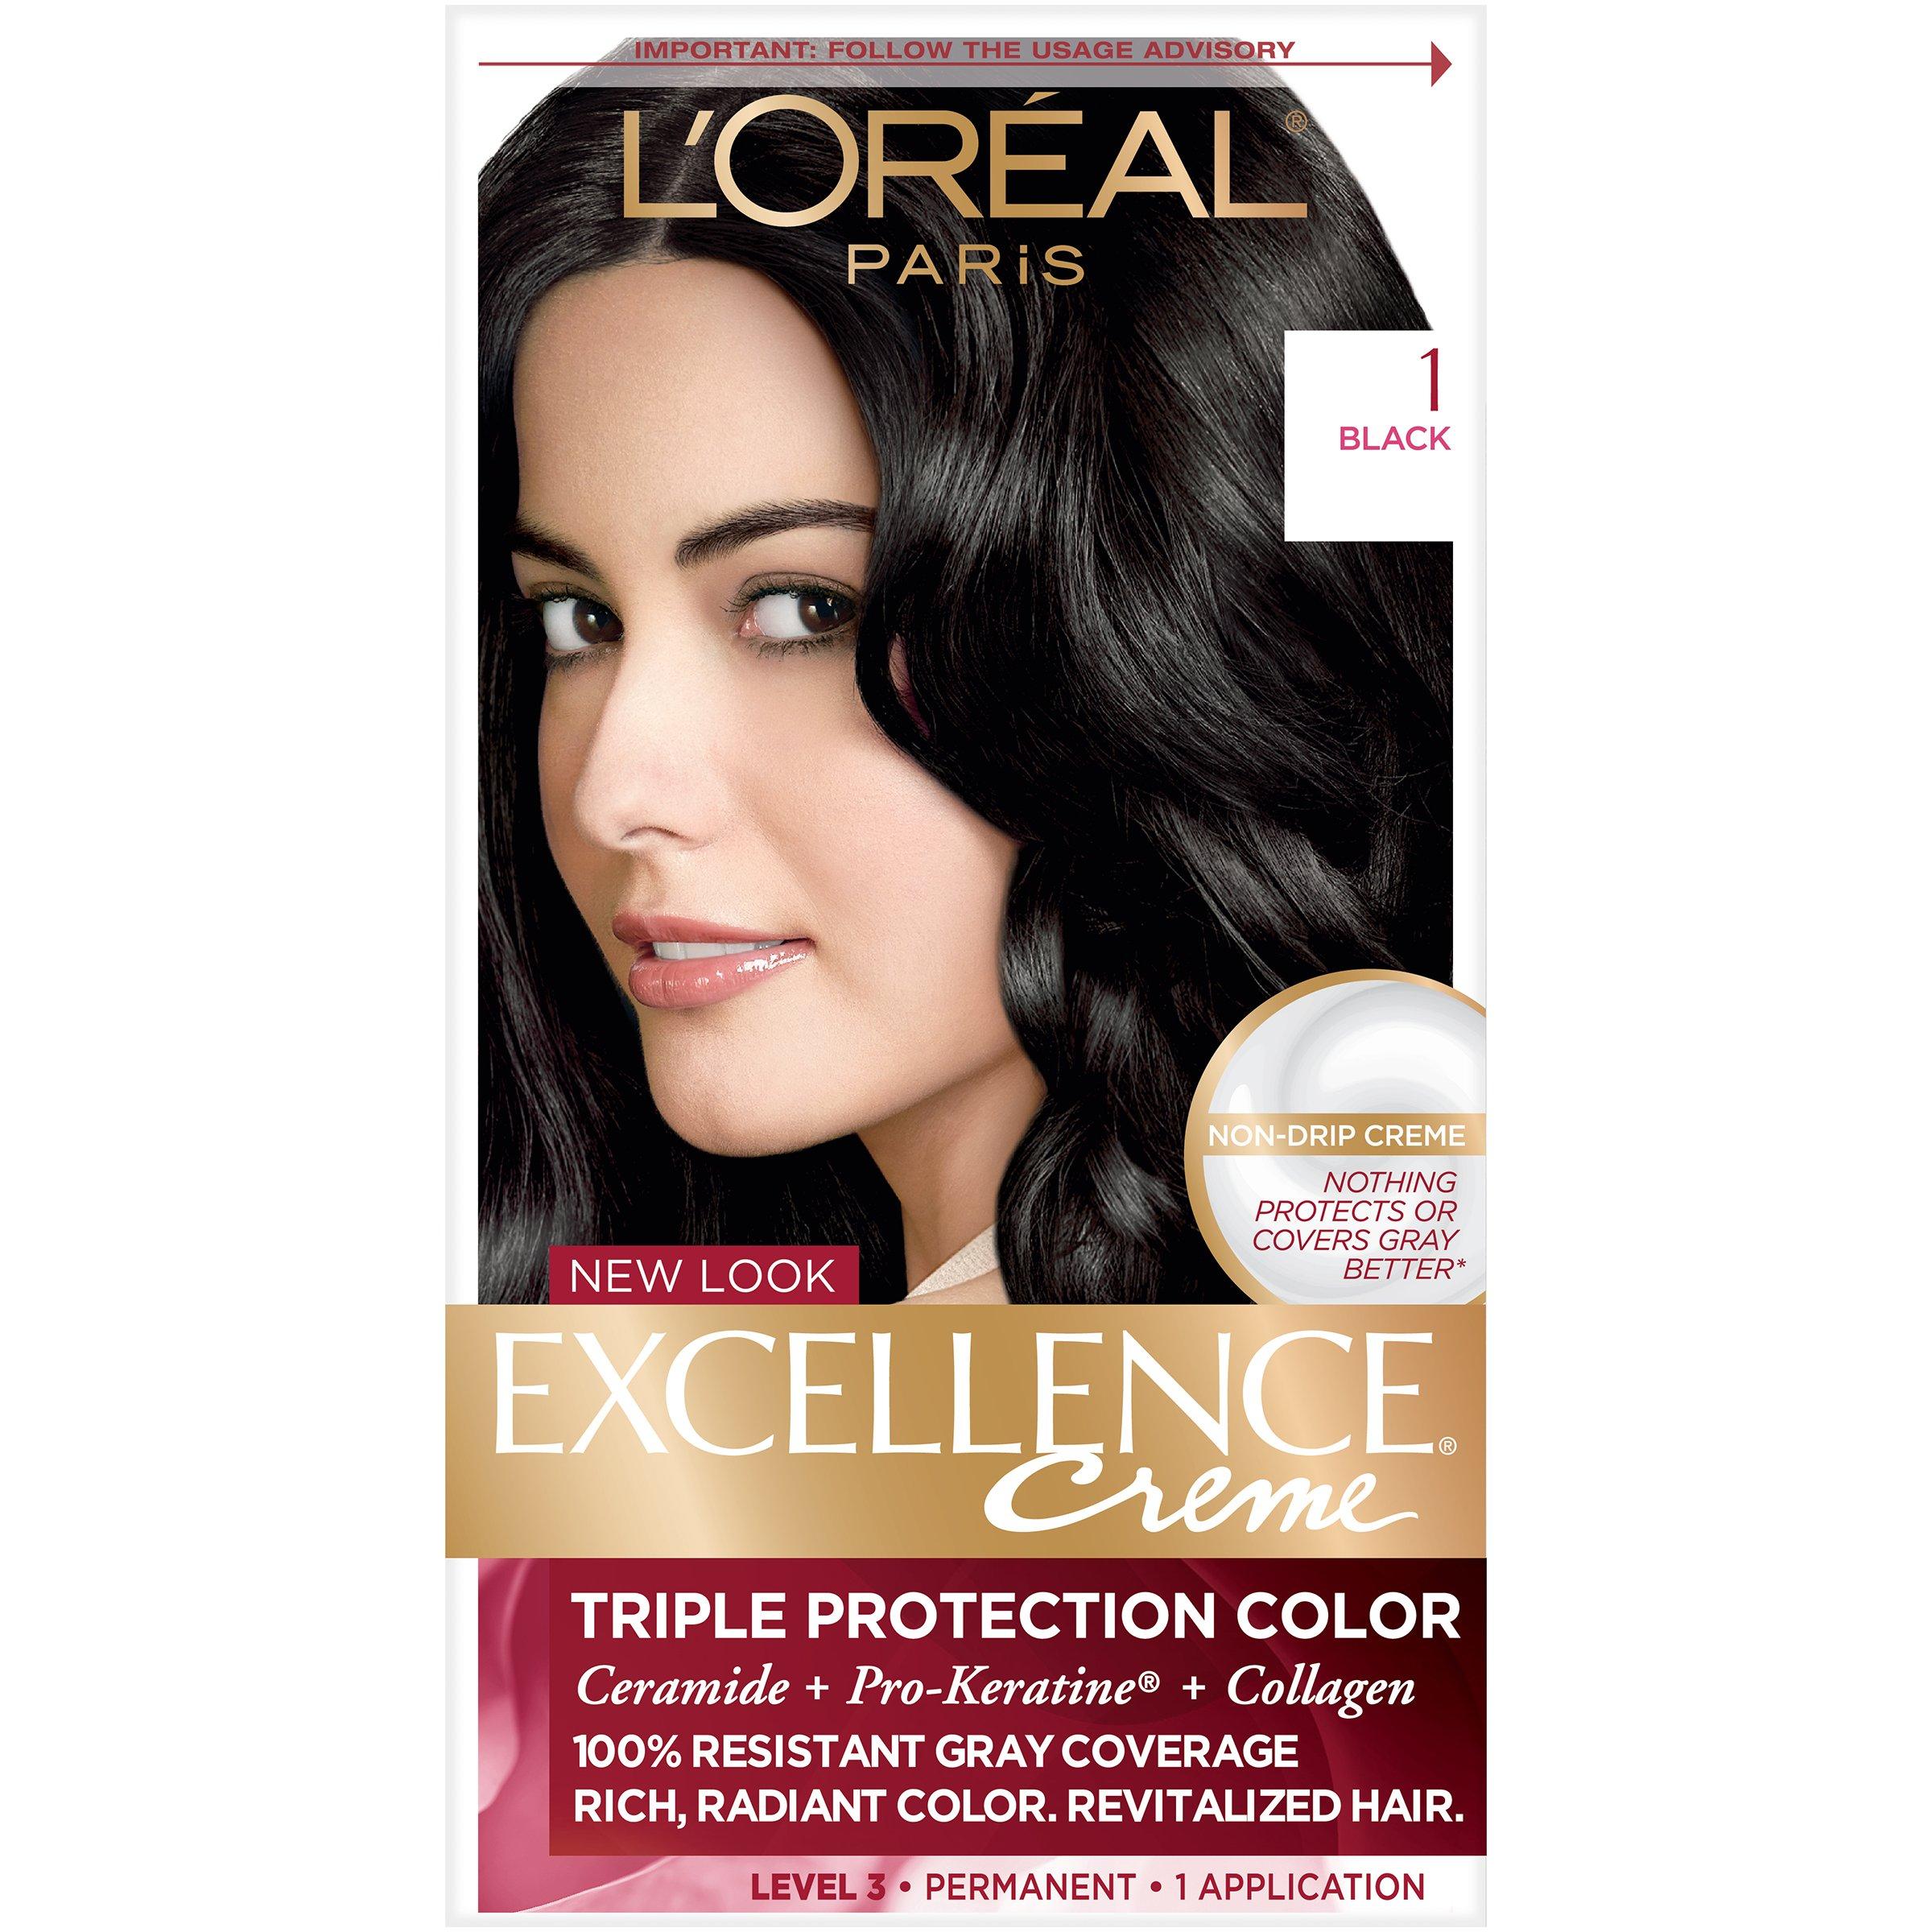 Amazon loral paris excellence crme permanent hair color loral paris excellence crme permanent hair color 1 black nvjuhfo Images